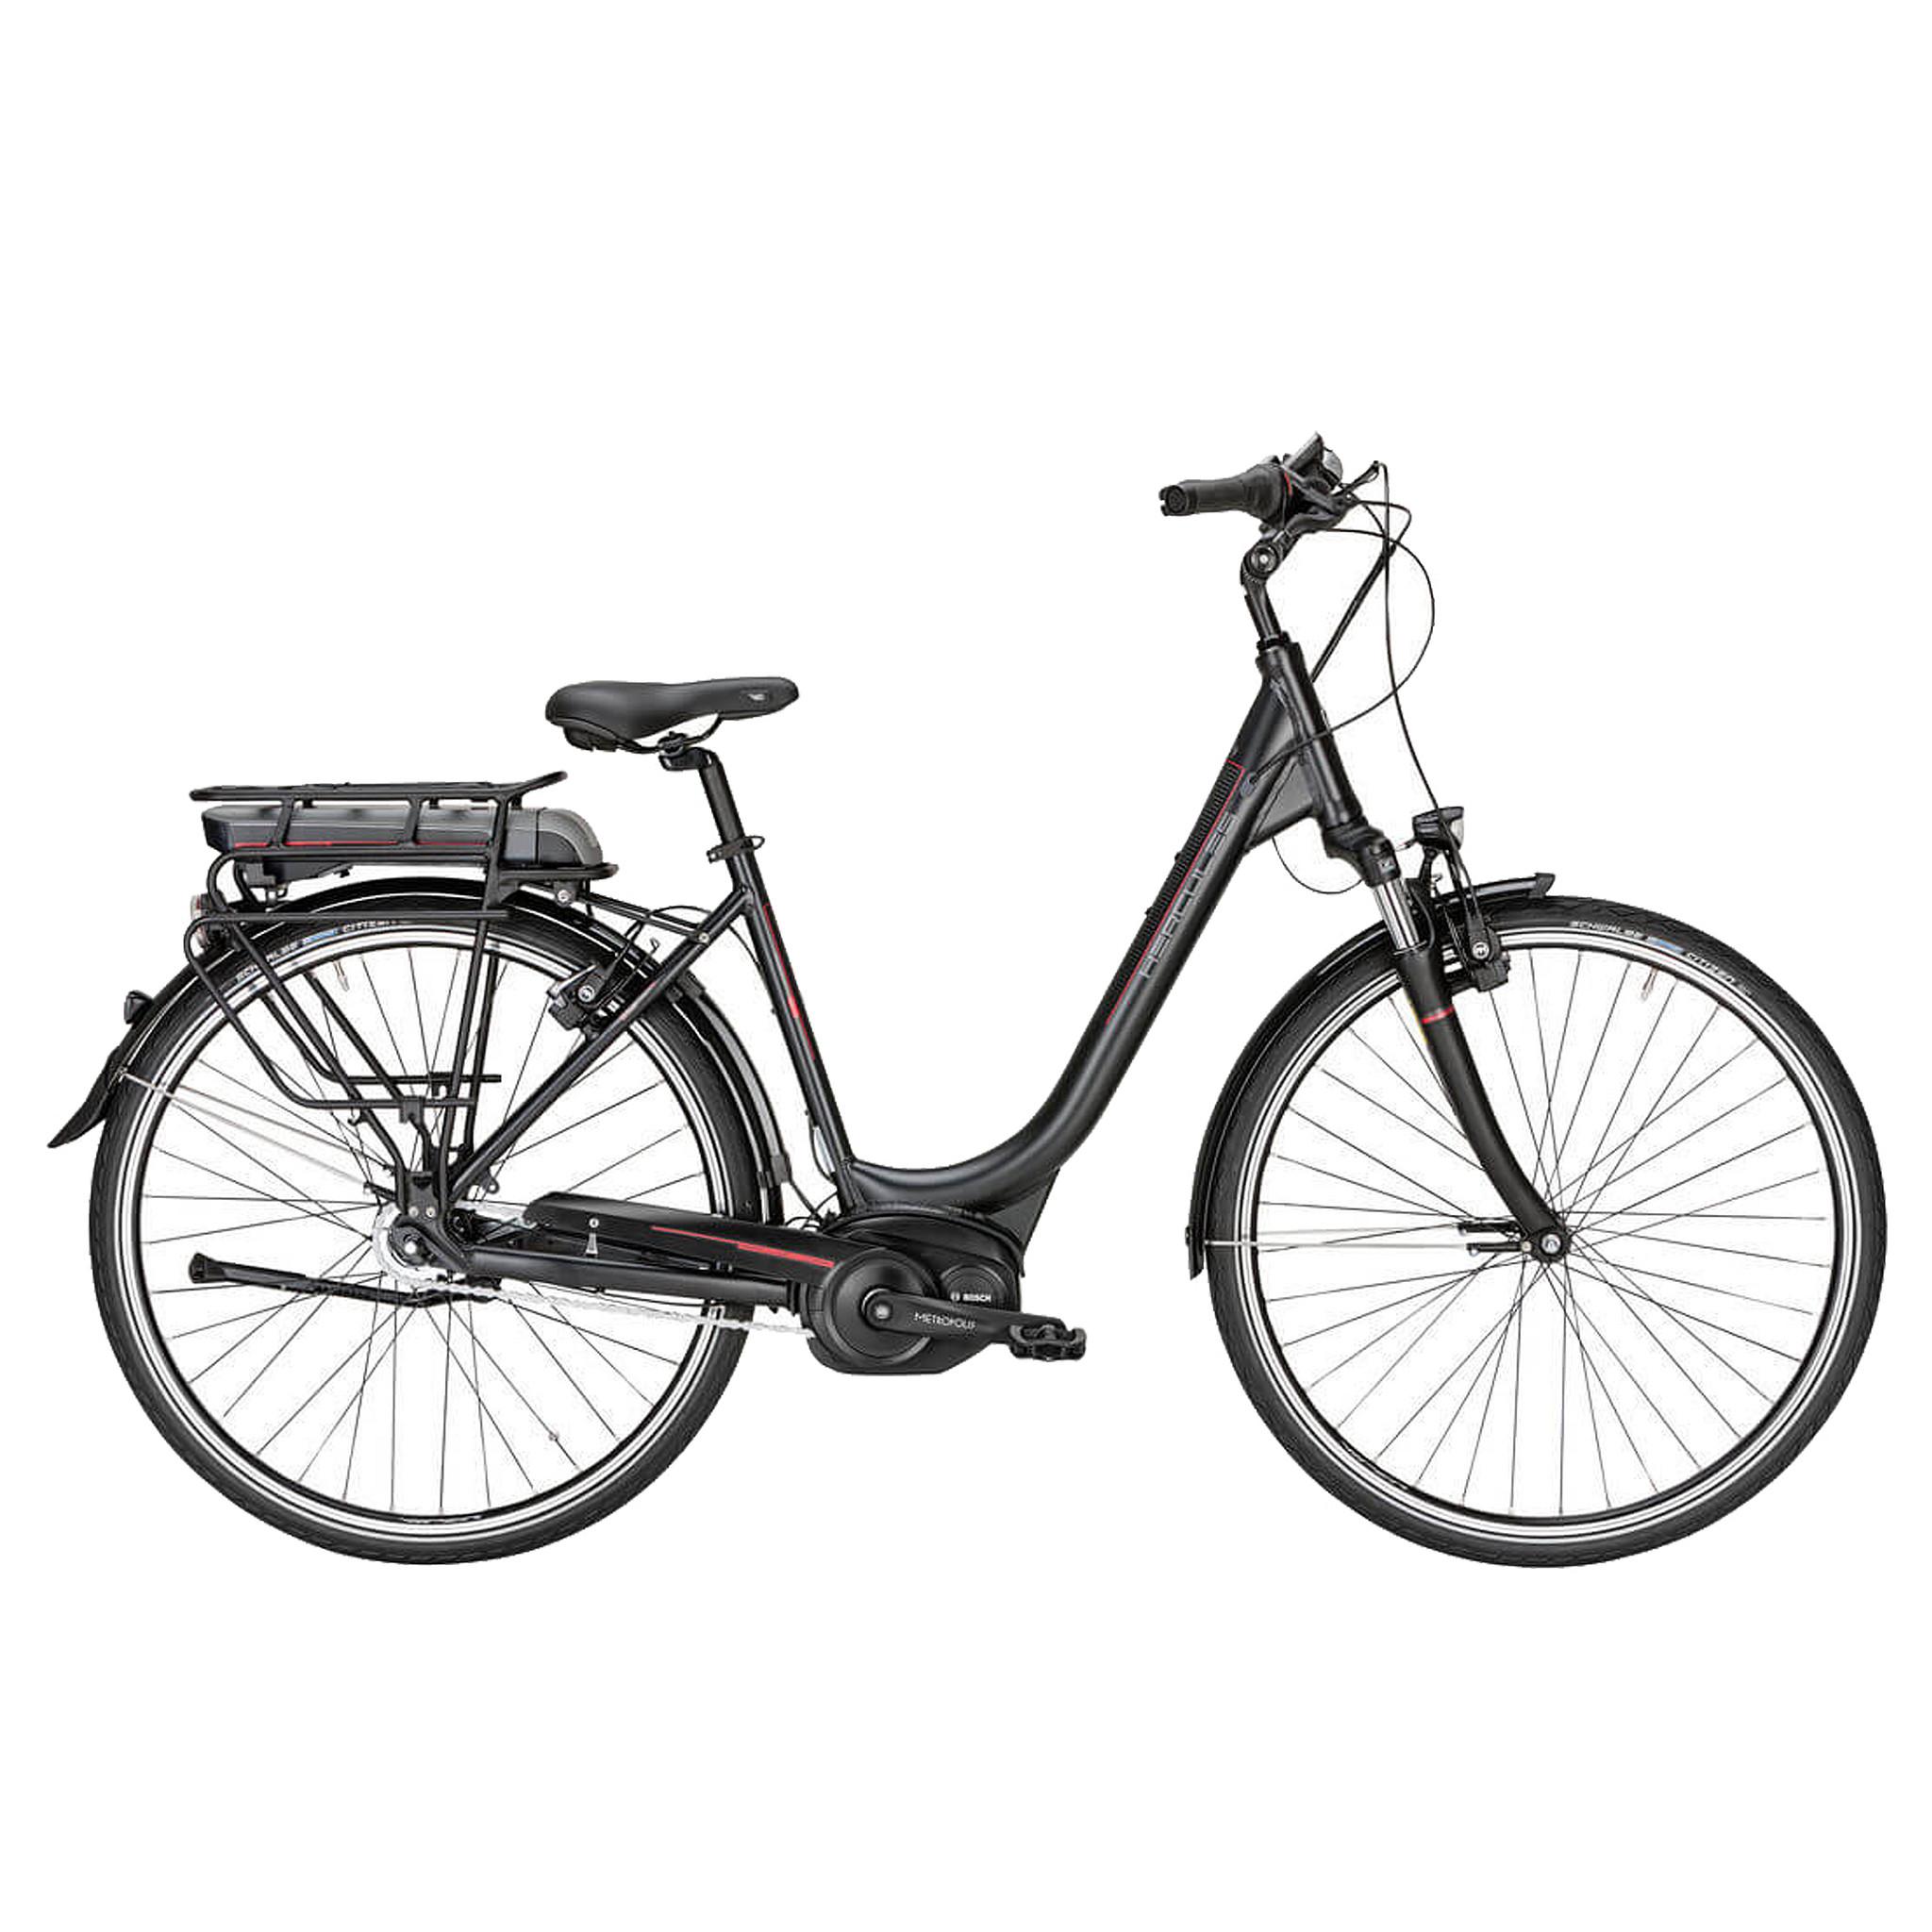 Hercules Elektrische fiets Roberta F7 dames mat zwart 50cm 396 Watt Zwart